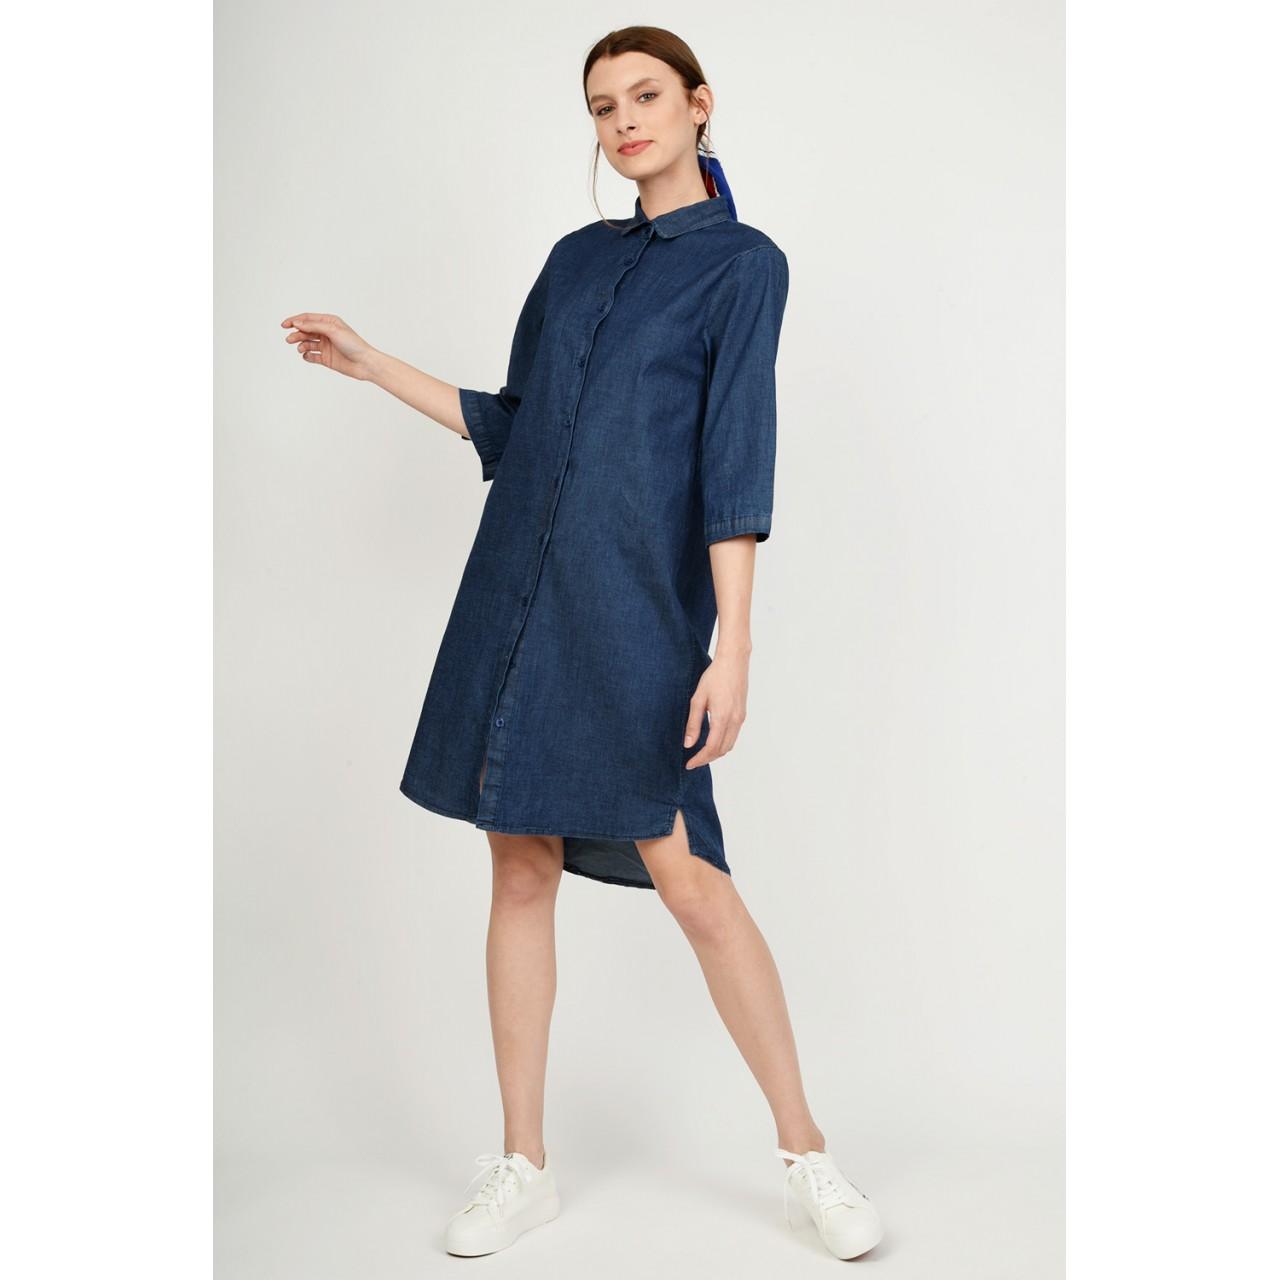 de29e7a9c8b7 Φόρεμα jean midi με κουμπιά Limited Edition